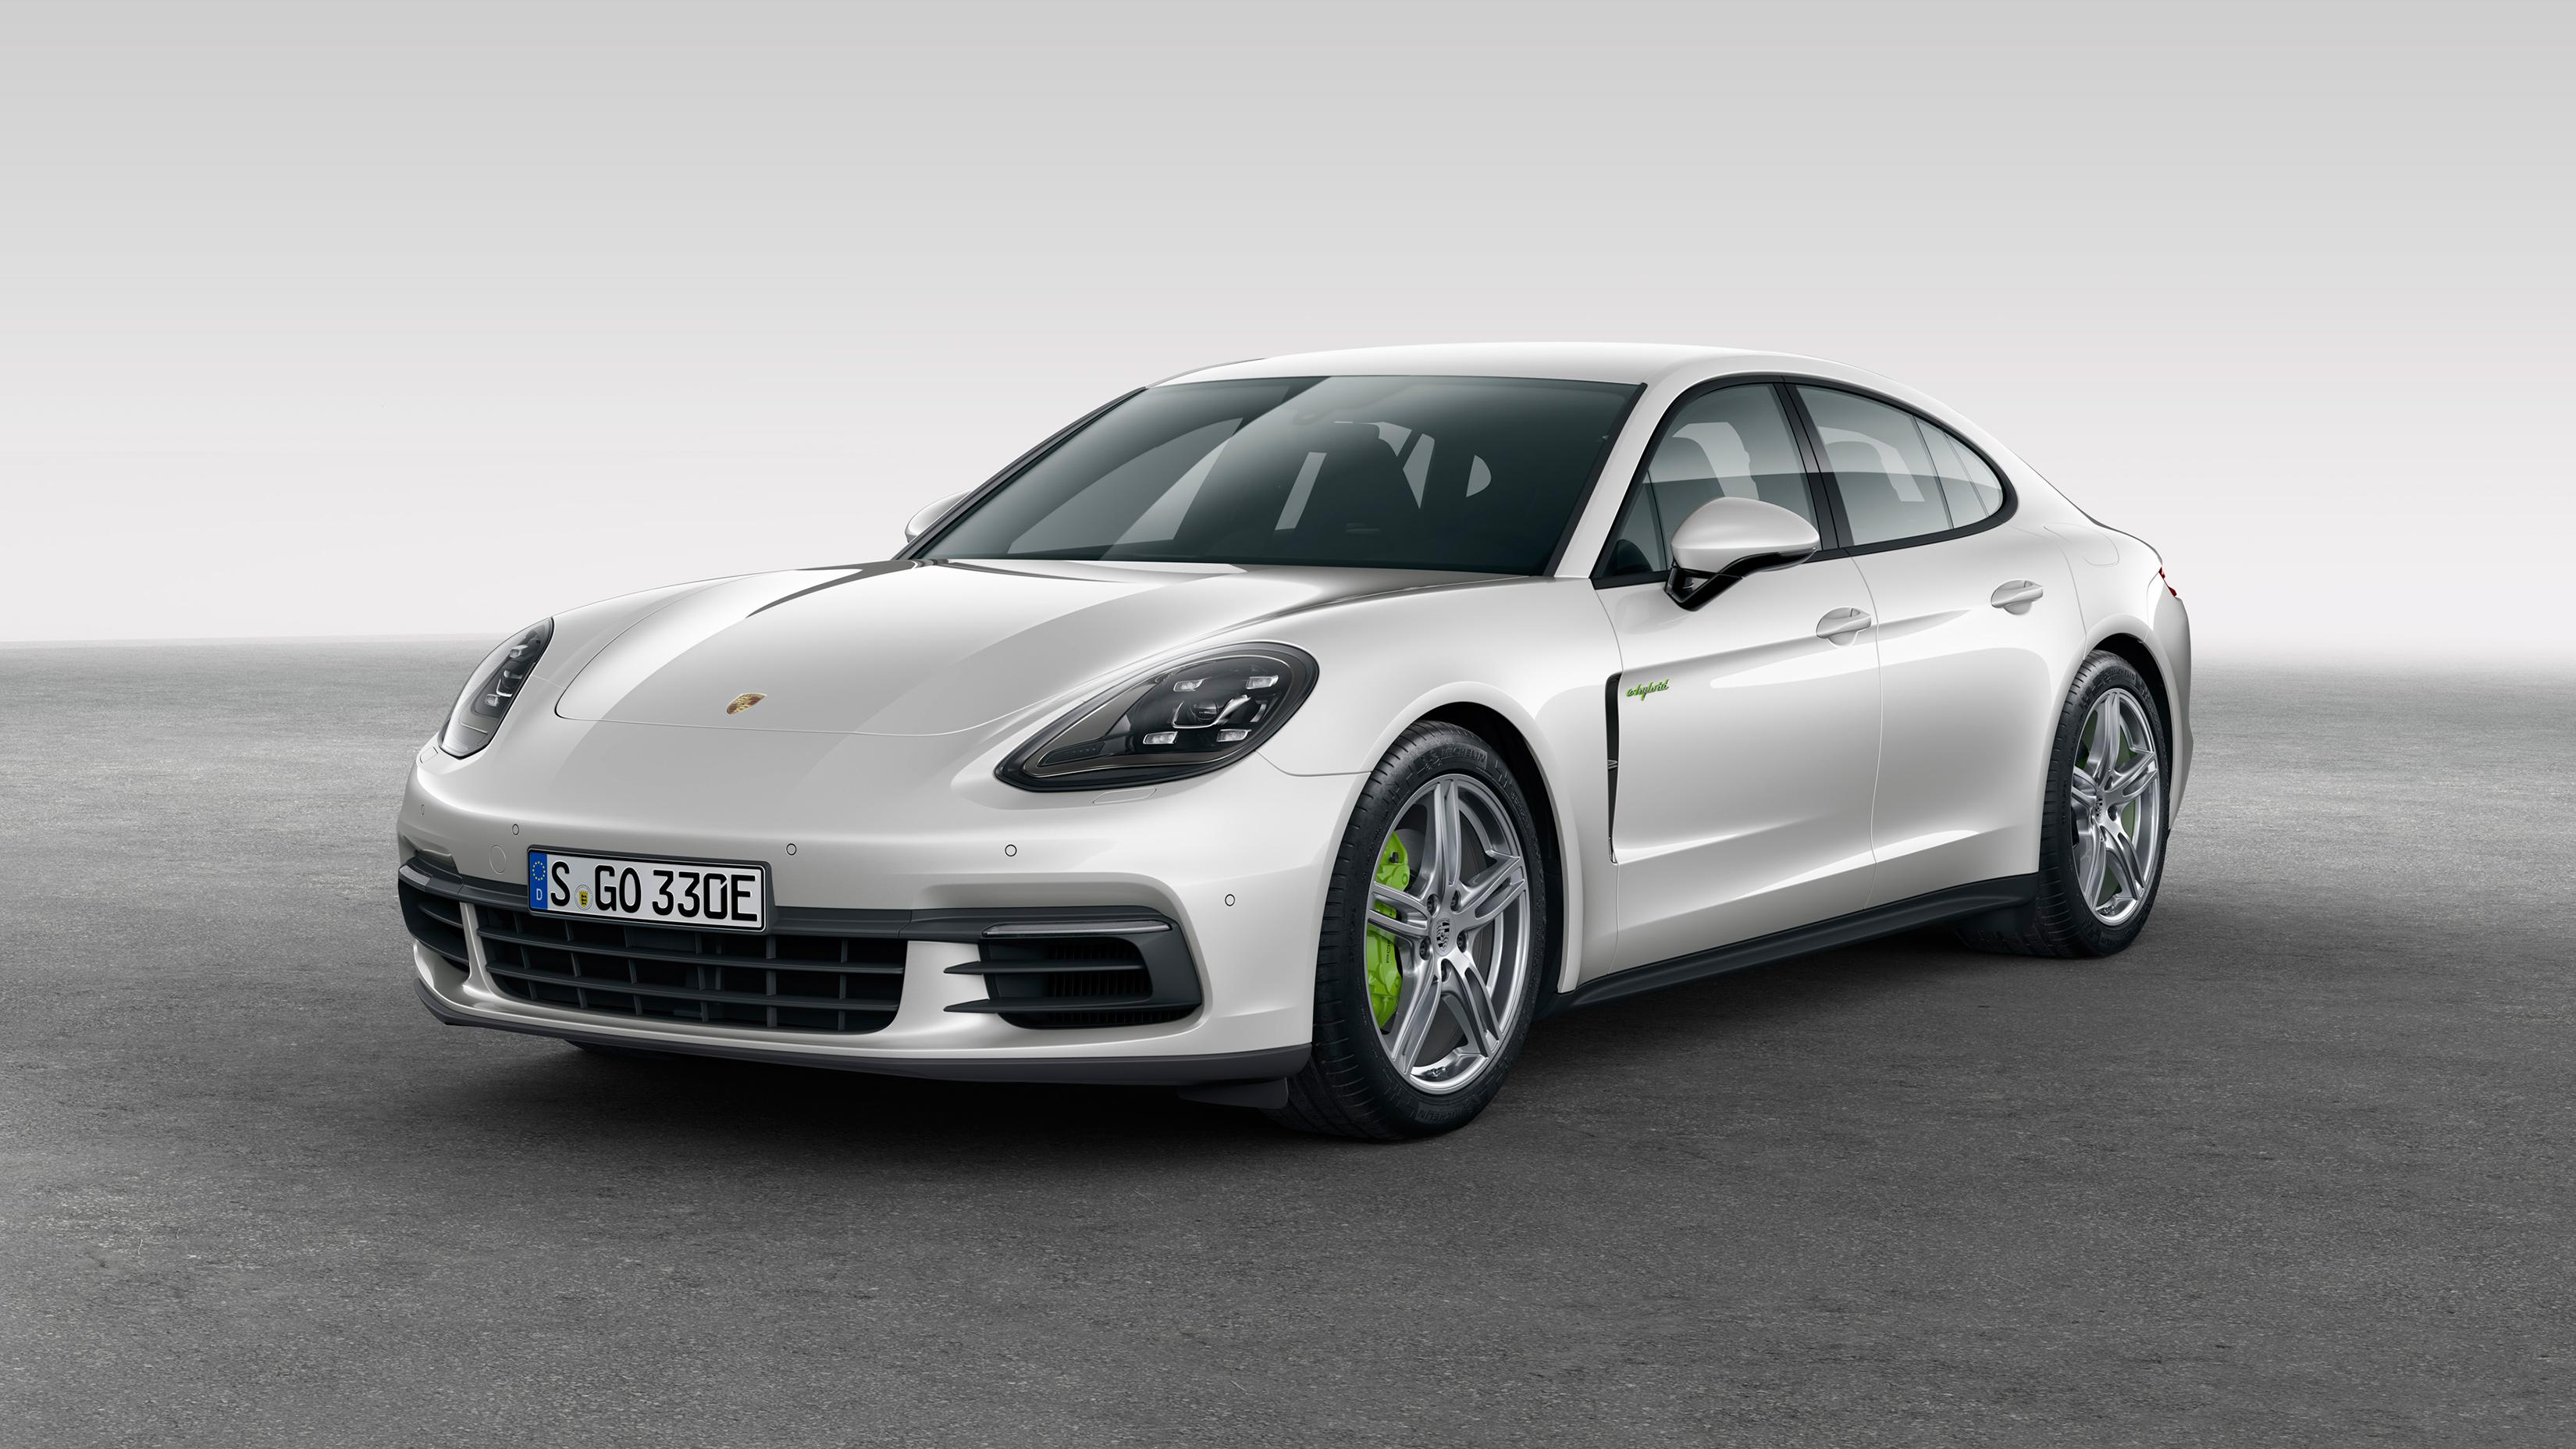 Novo Porsche Panamera 4 E Hybrid Promete Consumo De Ate 40 Km L Quatro Rodas